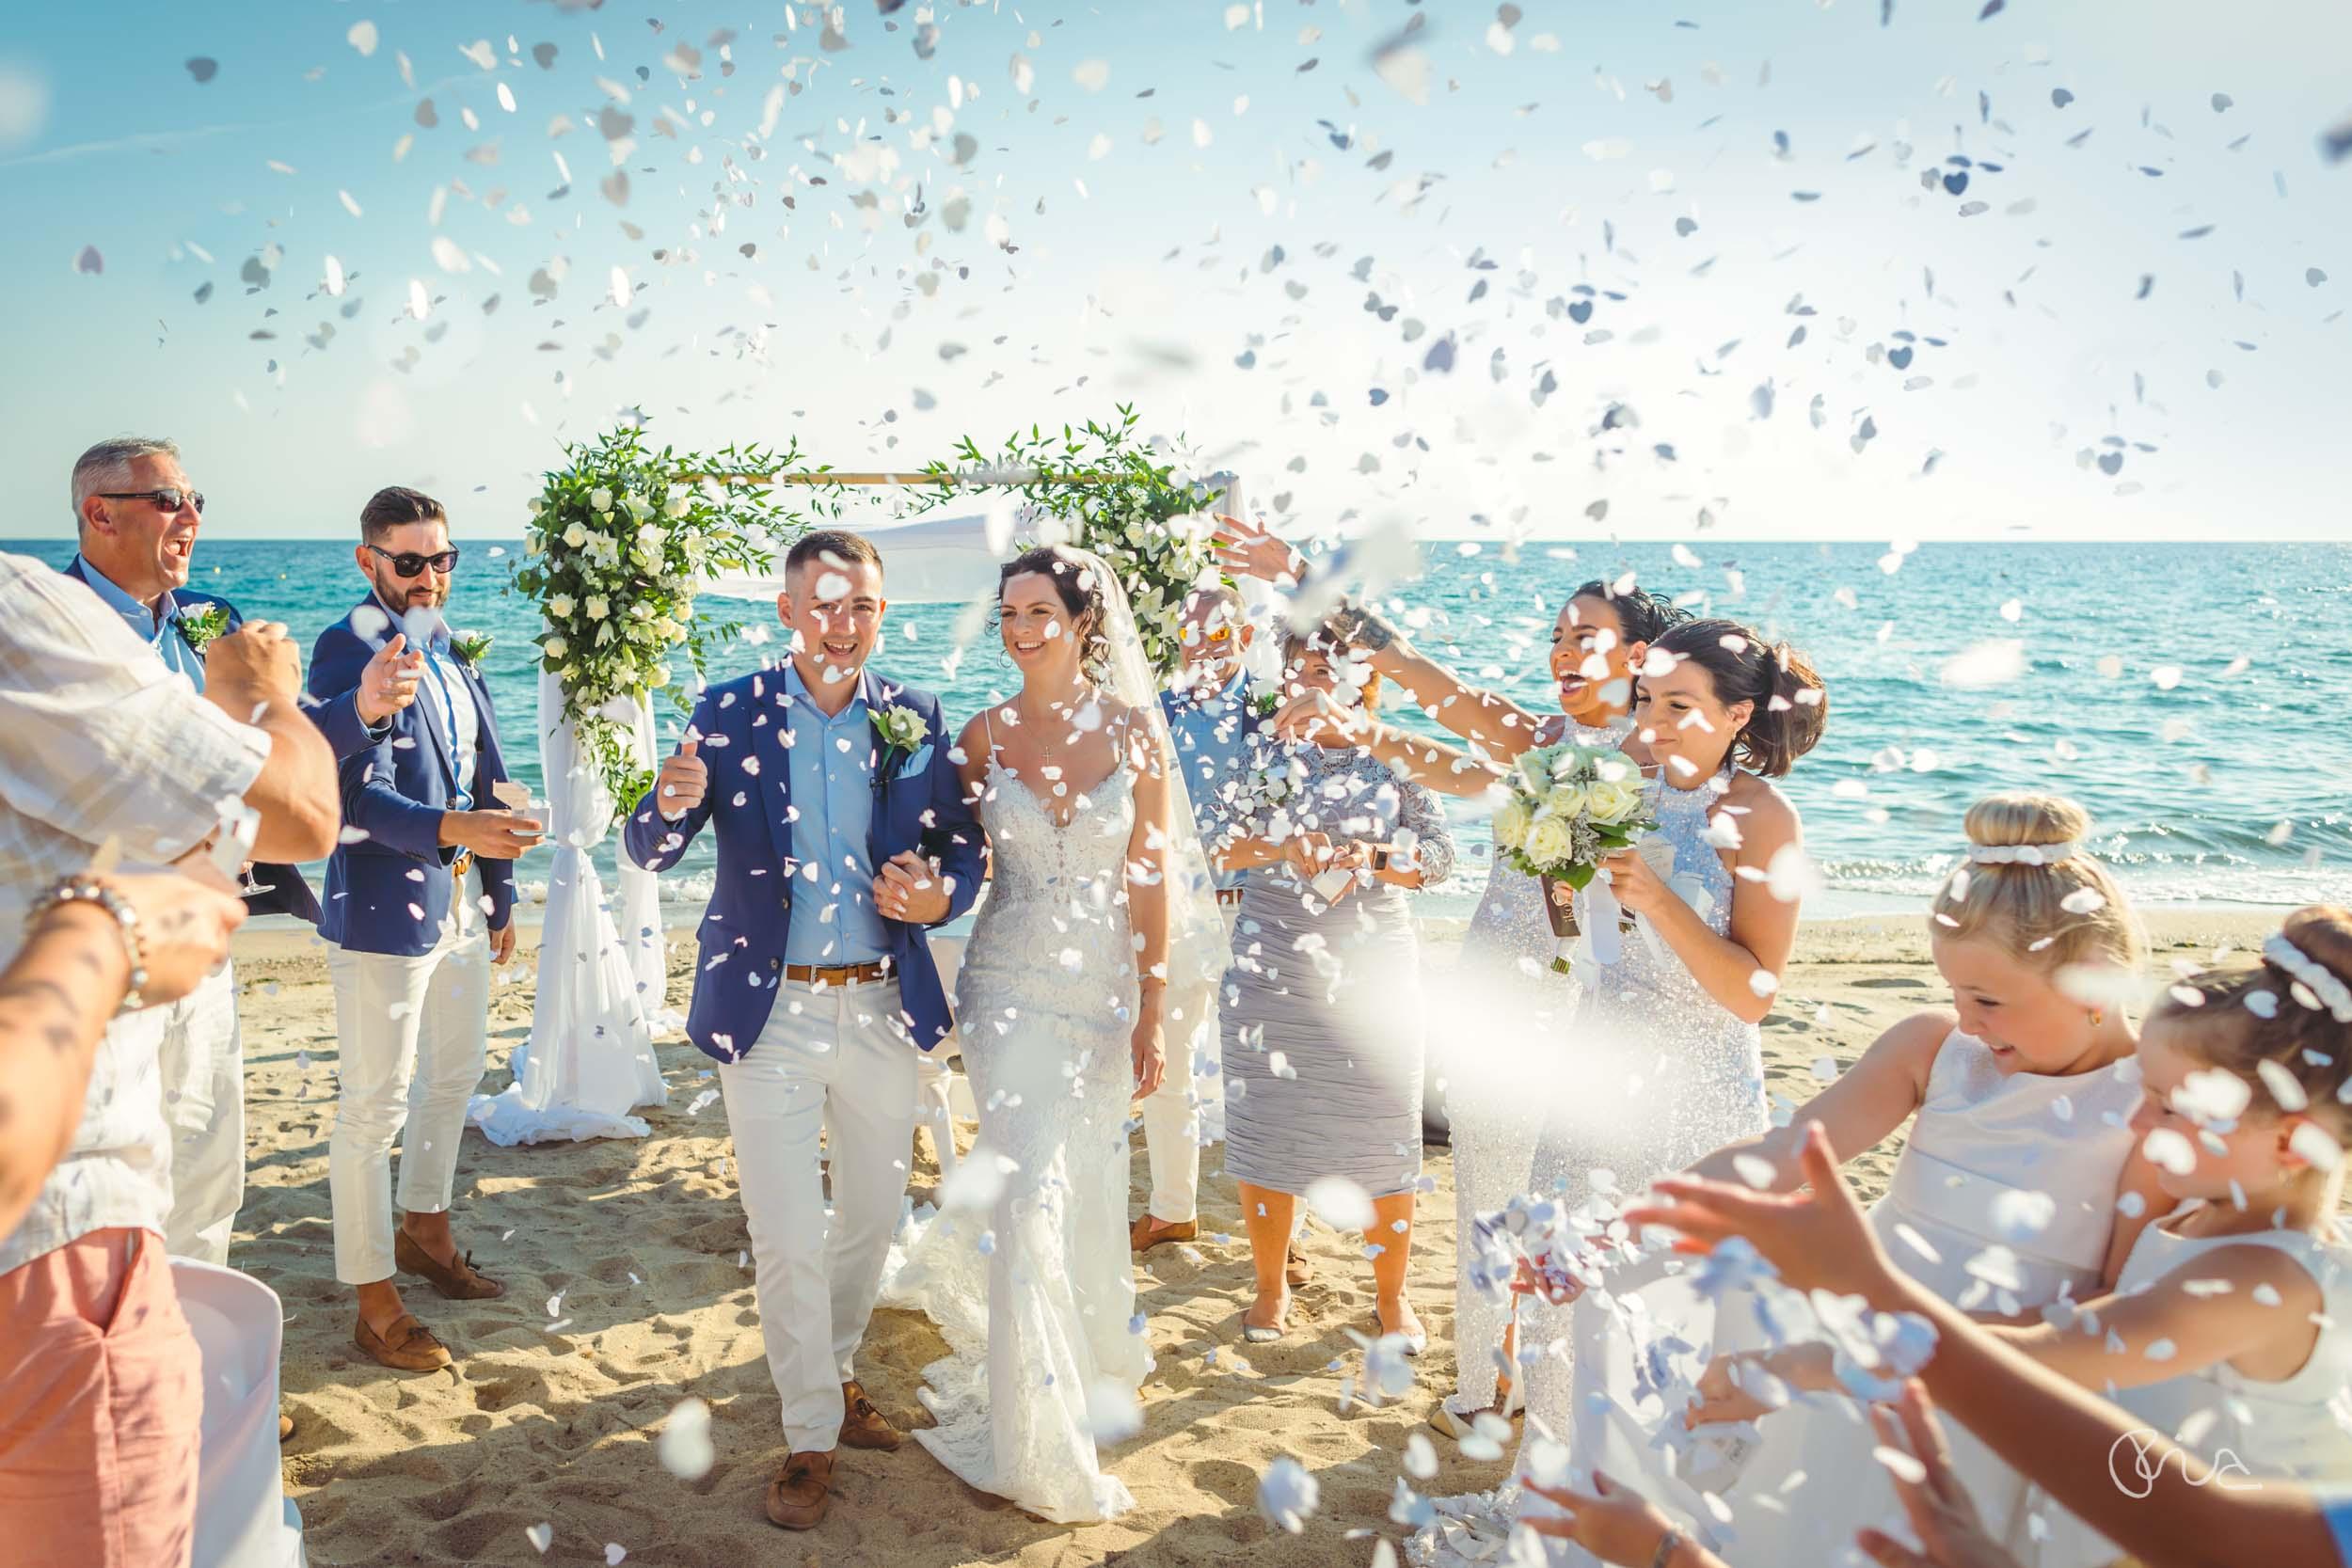 Ikos Oceania wedding